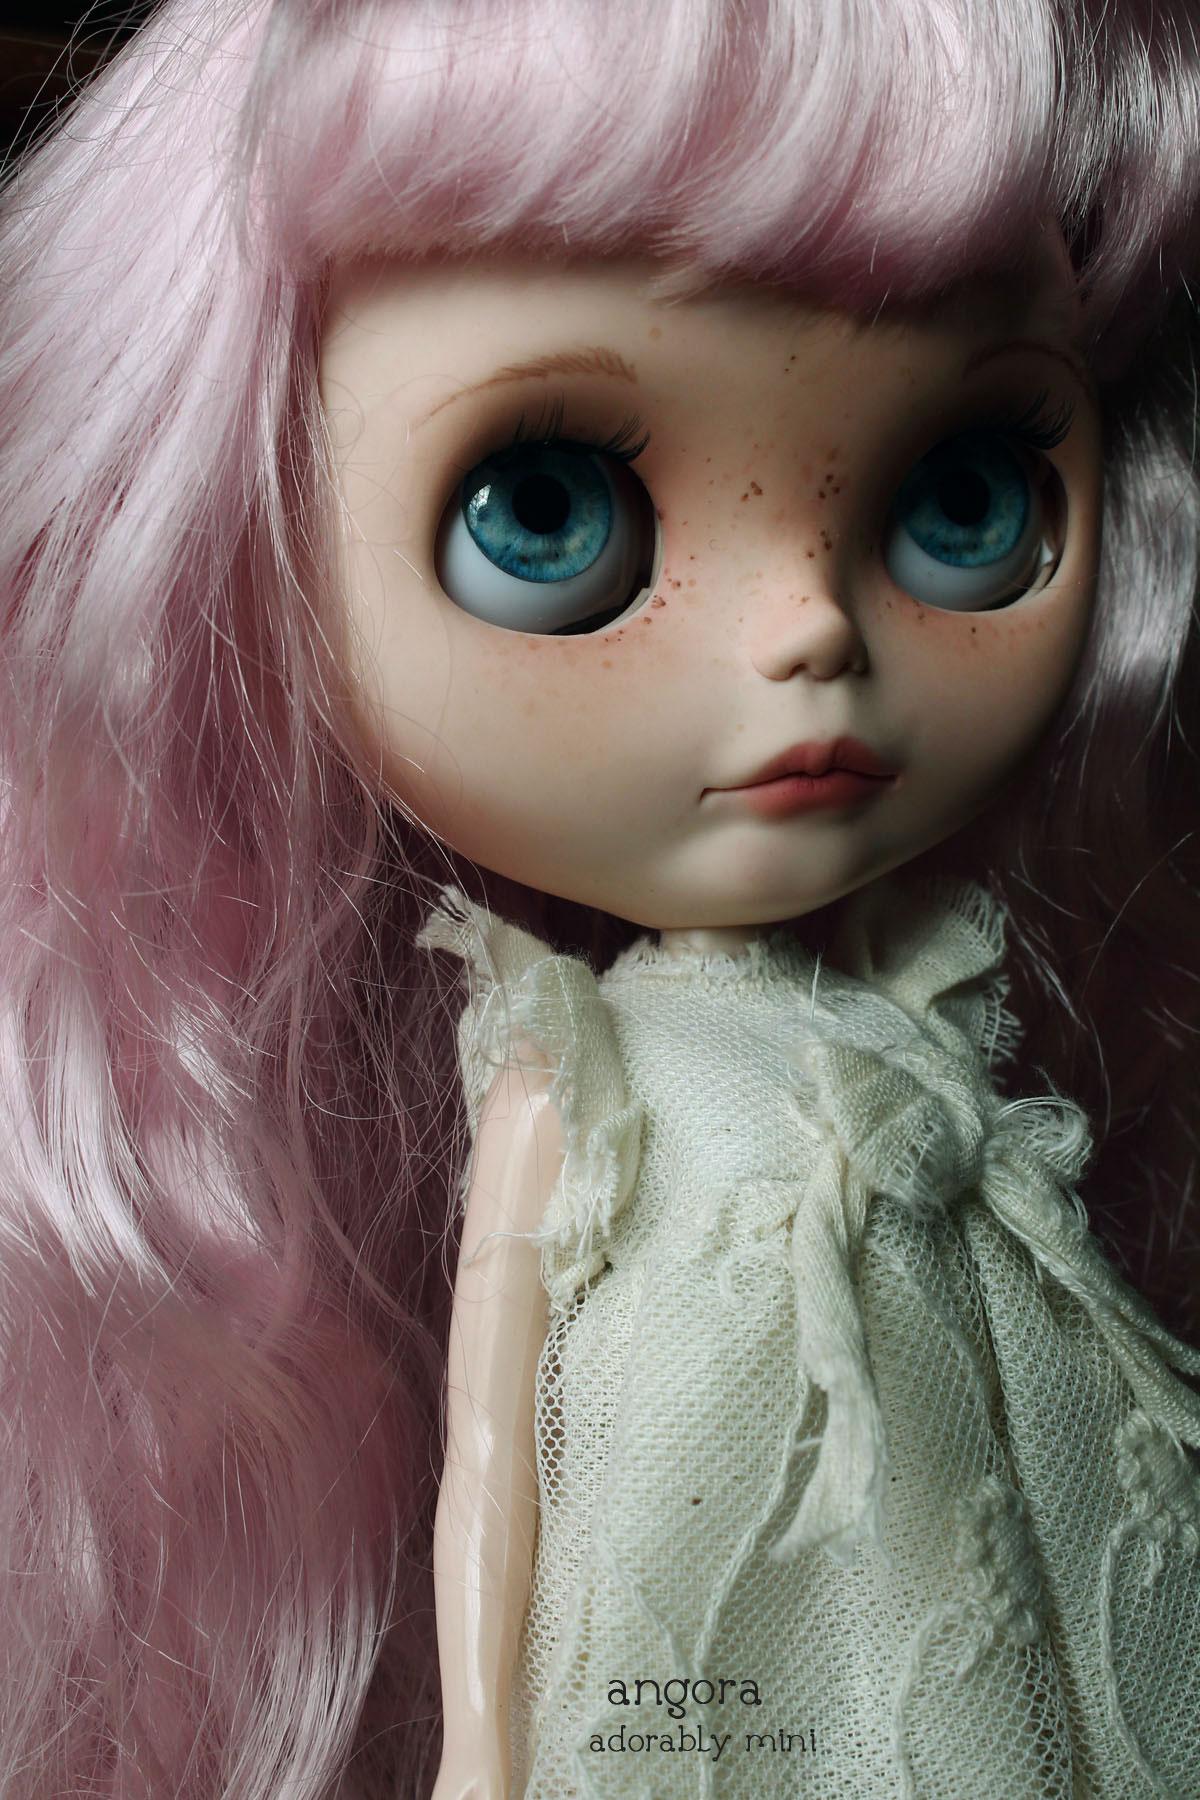 Blythe Doll 26-Angora 11